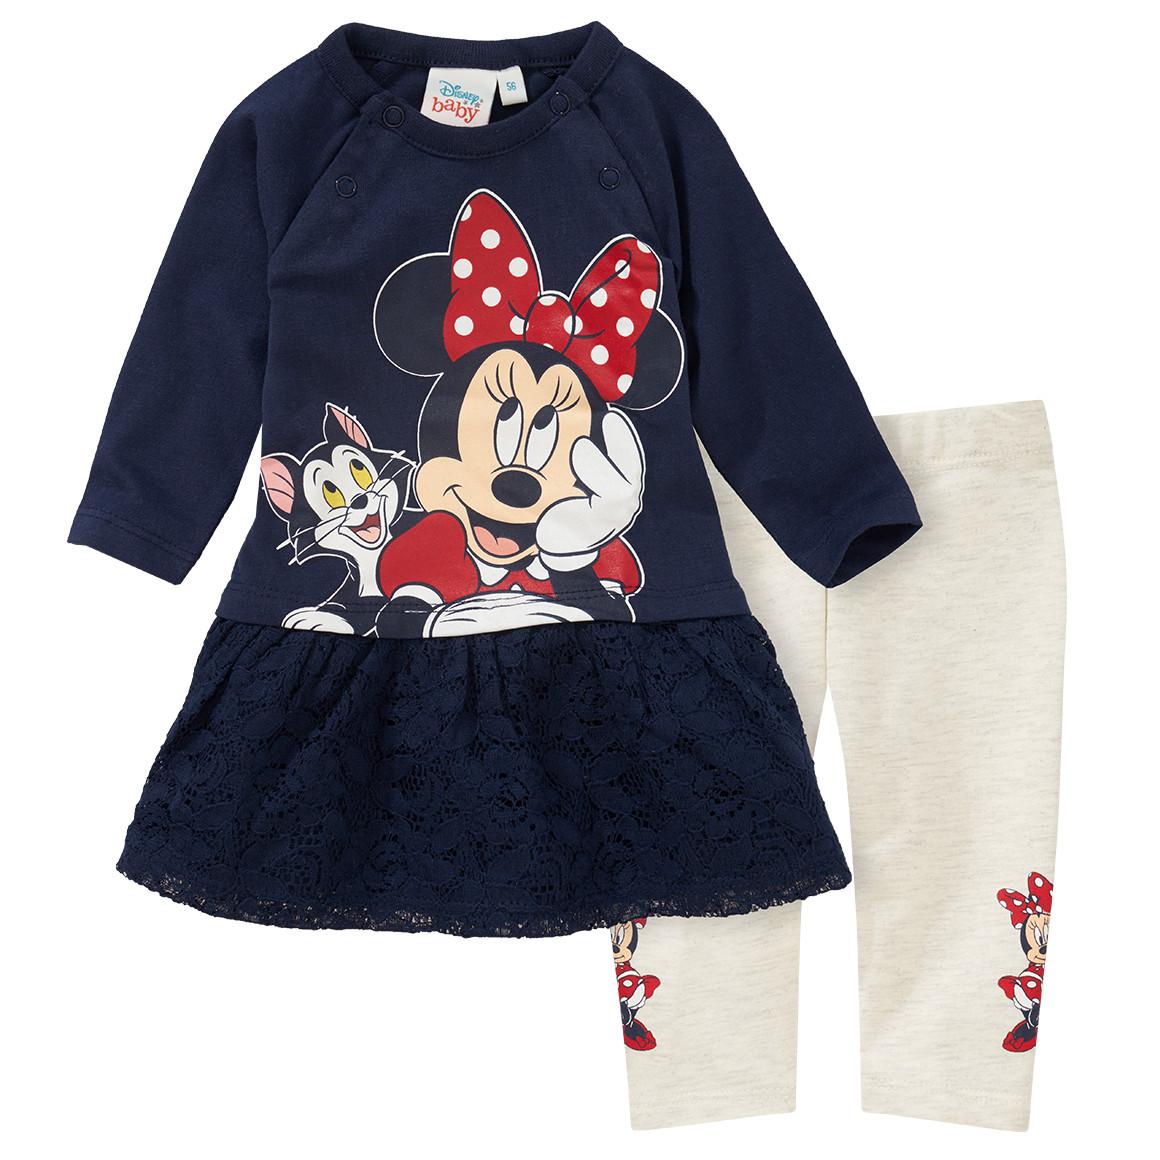 Babysets - Minnie Maus Kleid und Leggings im Set - Onlineshop Ernstings family